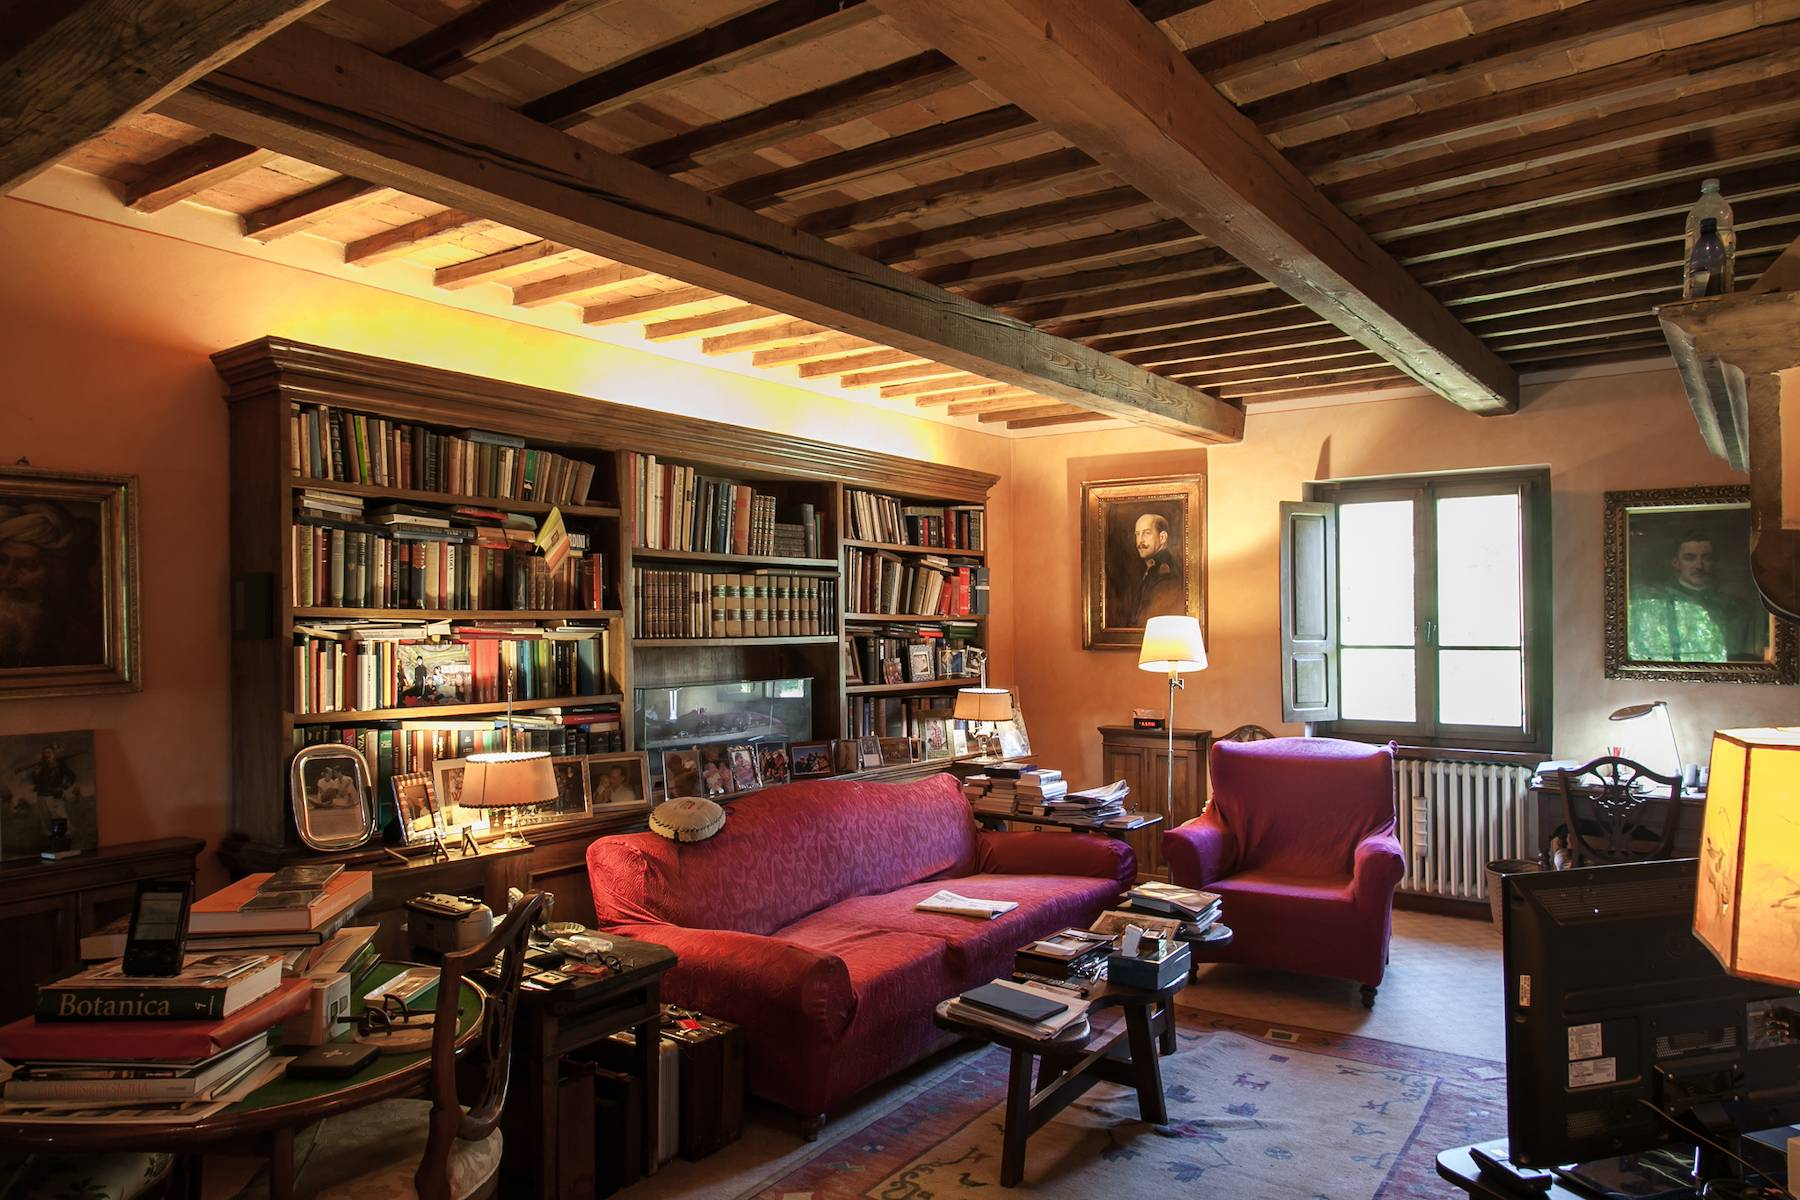 Villa historique dans la campagne toscane - 21